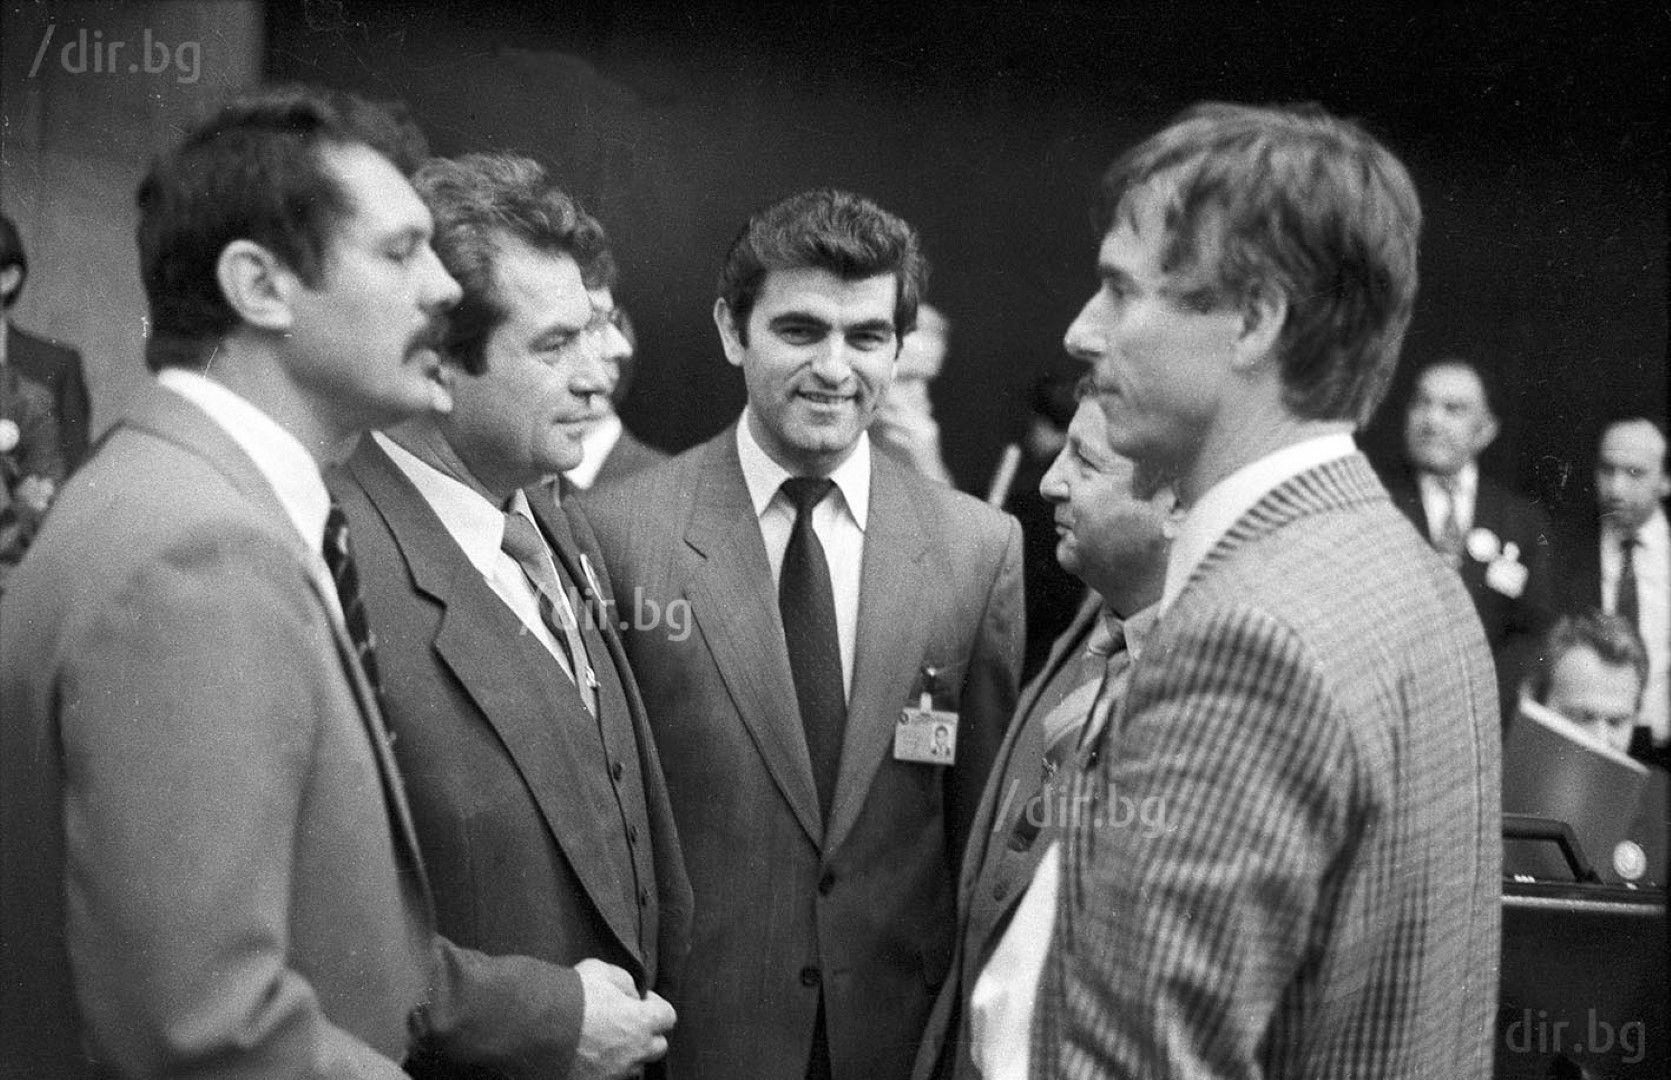 Космонавти от Унгария, СССР, България и ФРГ на конгрес на Асоцияцията на участниците в космически полети под надслов Планетата е общ дом, Земята е една за всички